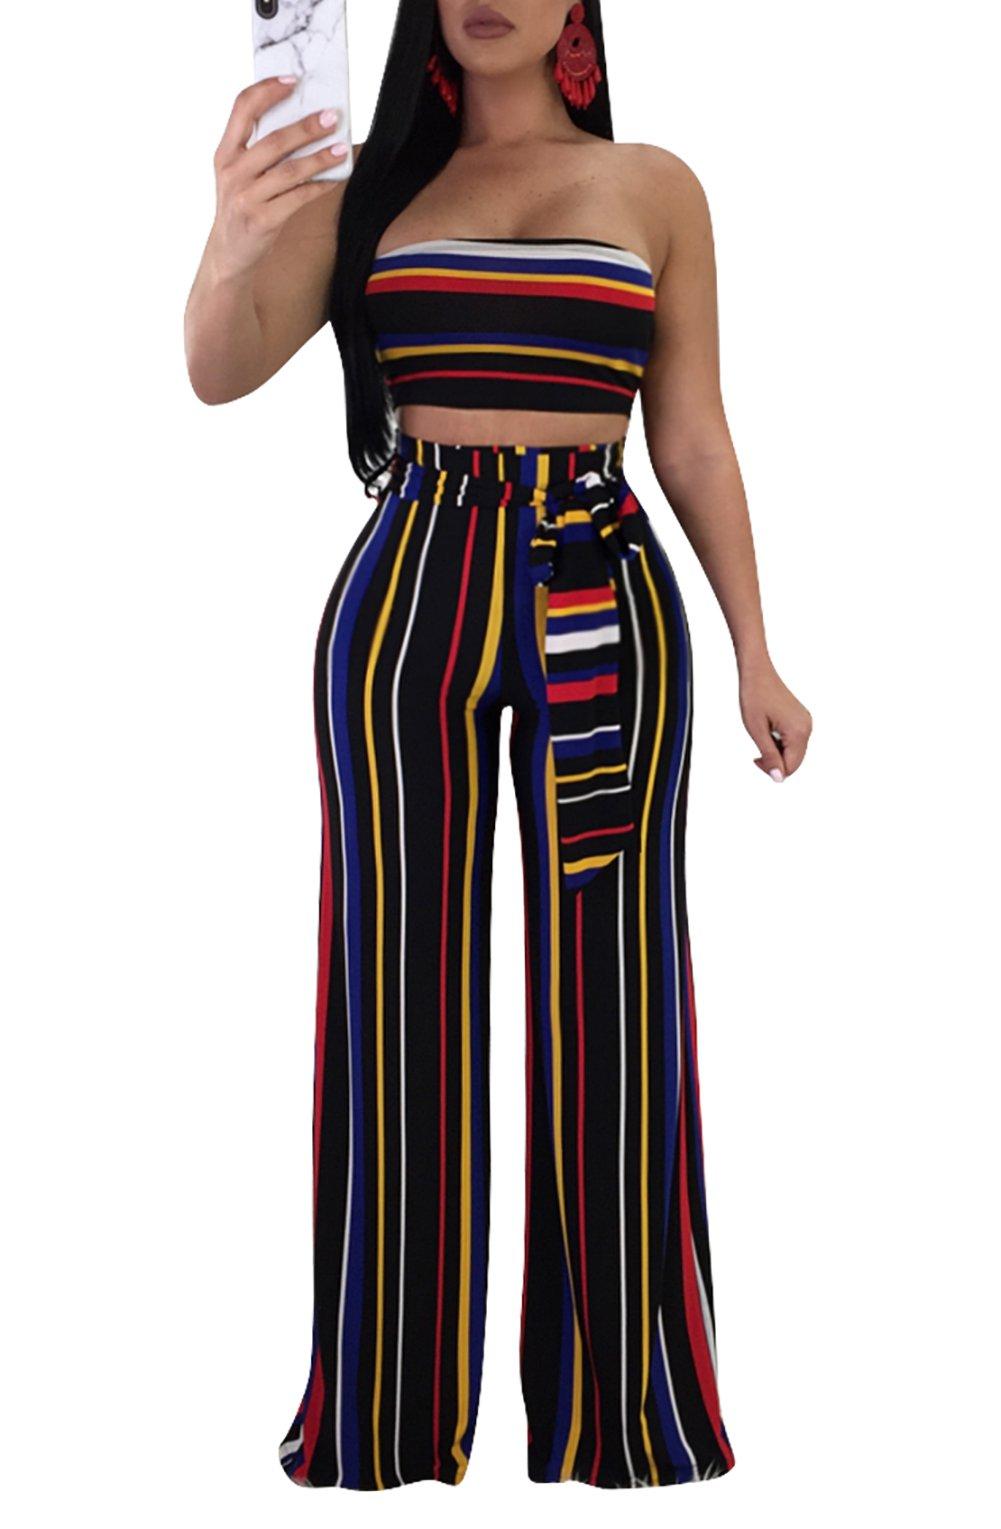 Molisry Women Striped Bandeau Tube Crop Top Wide Leg Pants Jumpsuits 2 Piece Outfits